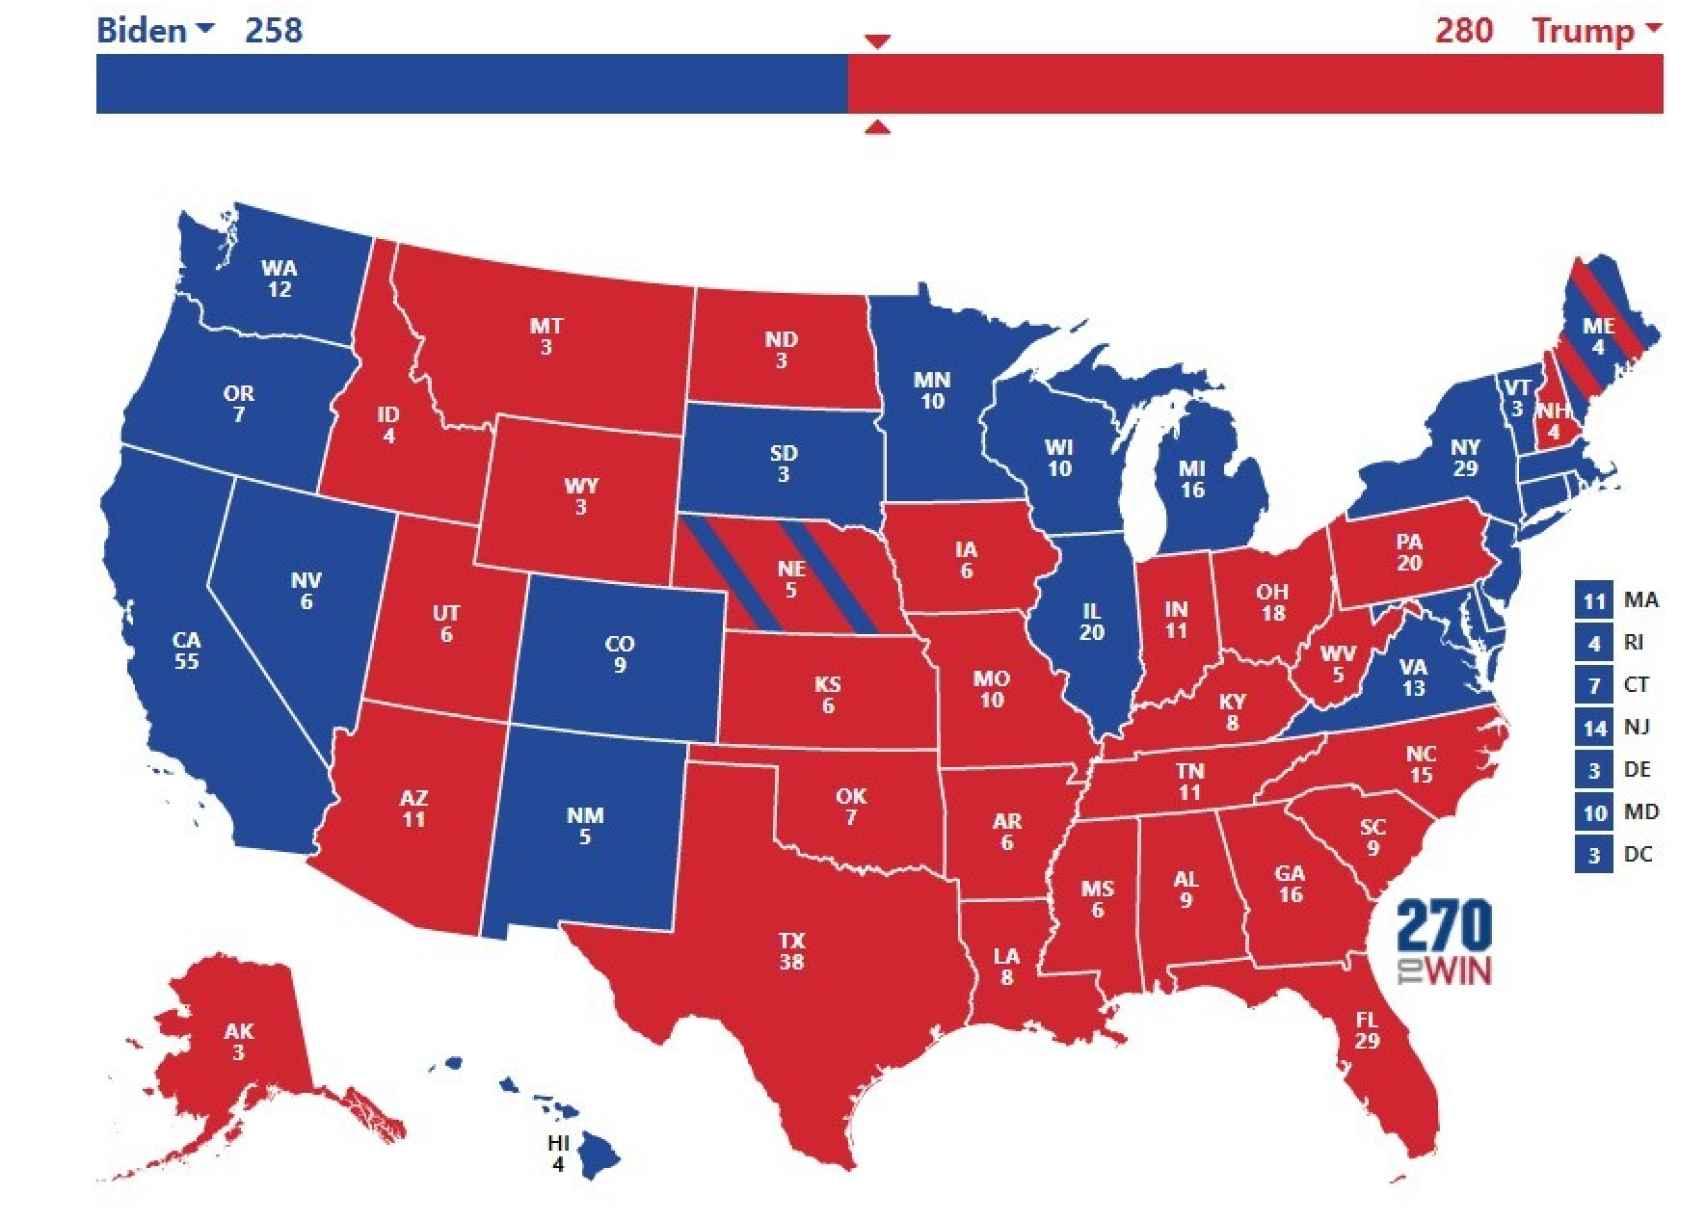 Posible resultado electoral si Trump da la vuelta a las encuestas y consigue los estados clave.